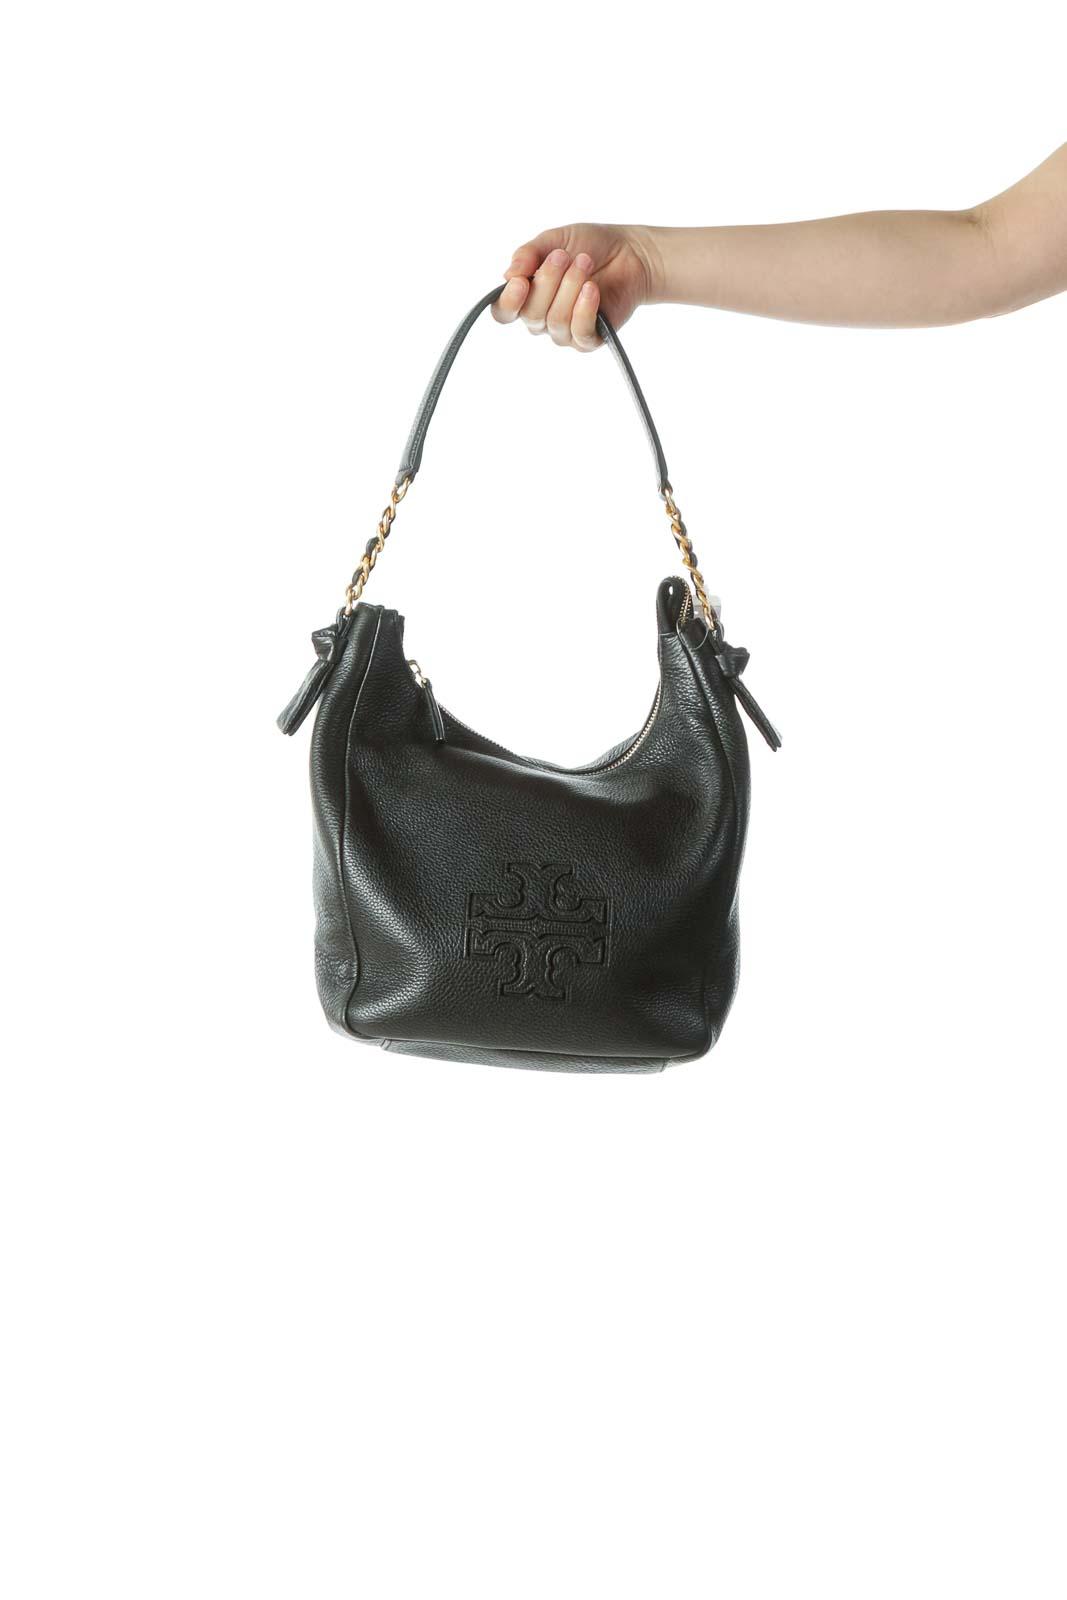 Black Gold Leather Hobo Bag Front